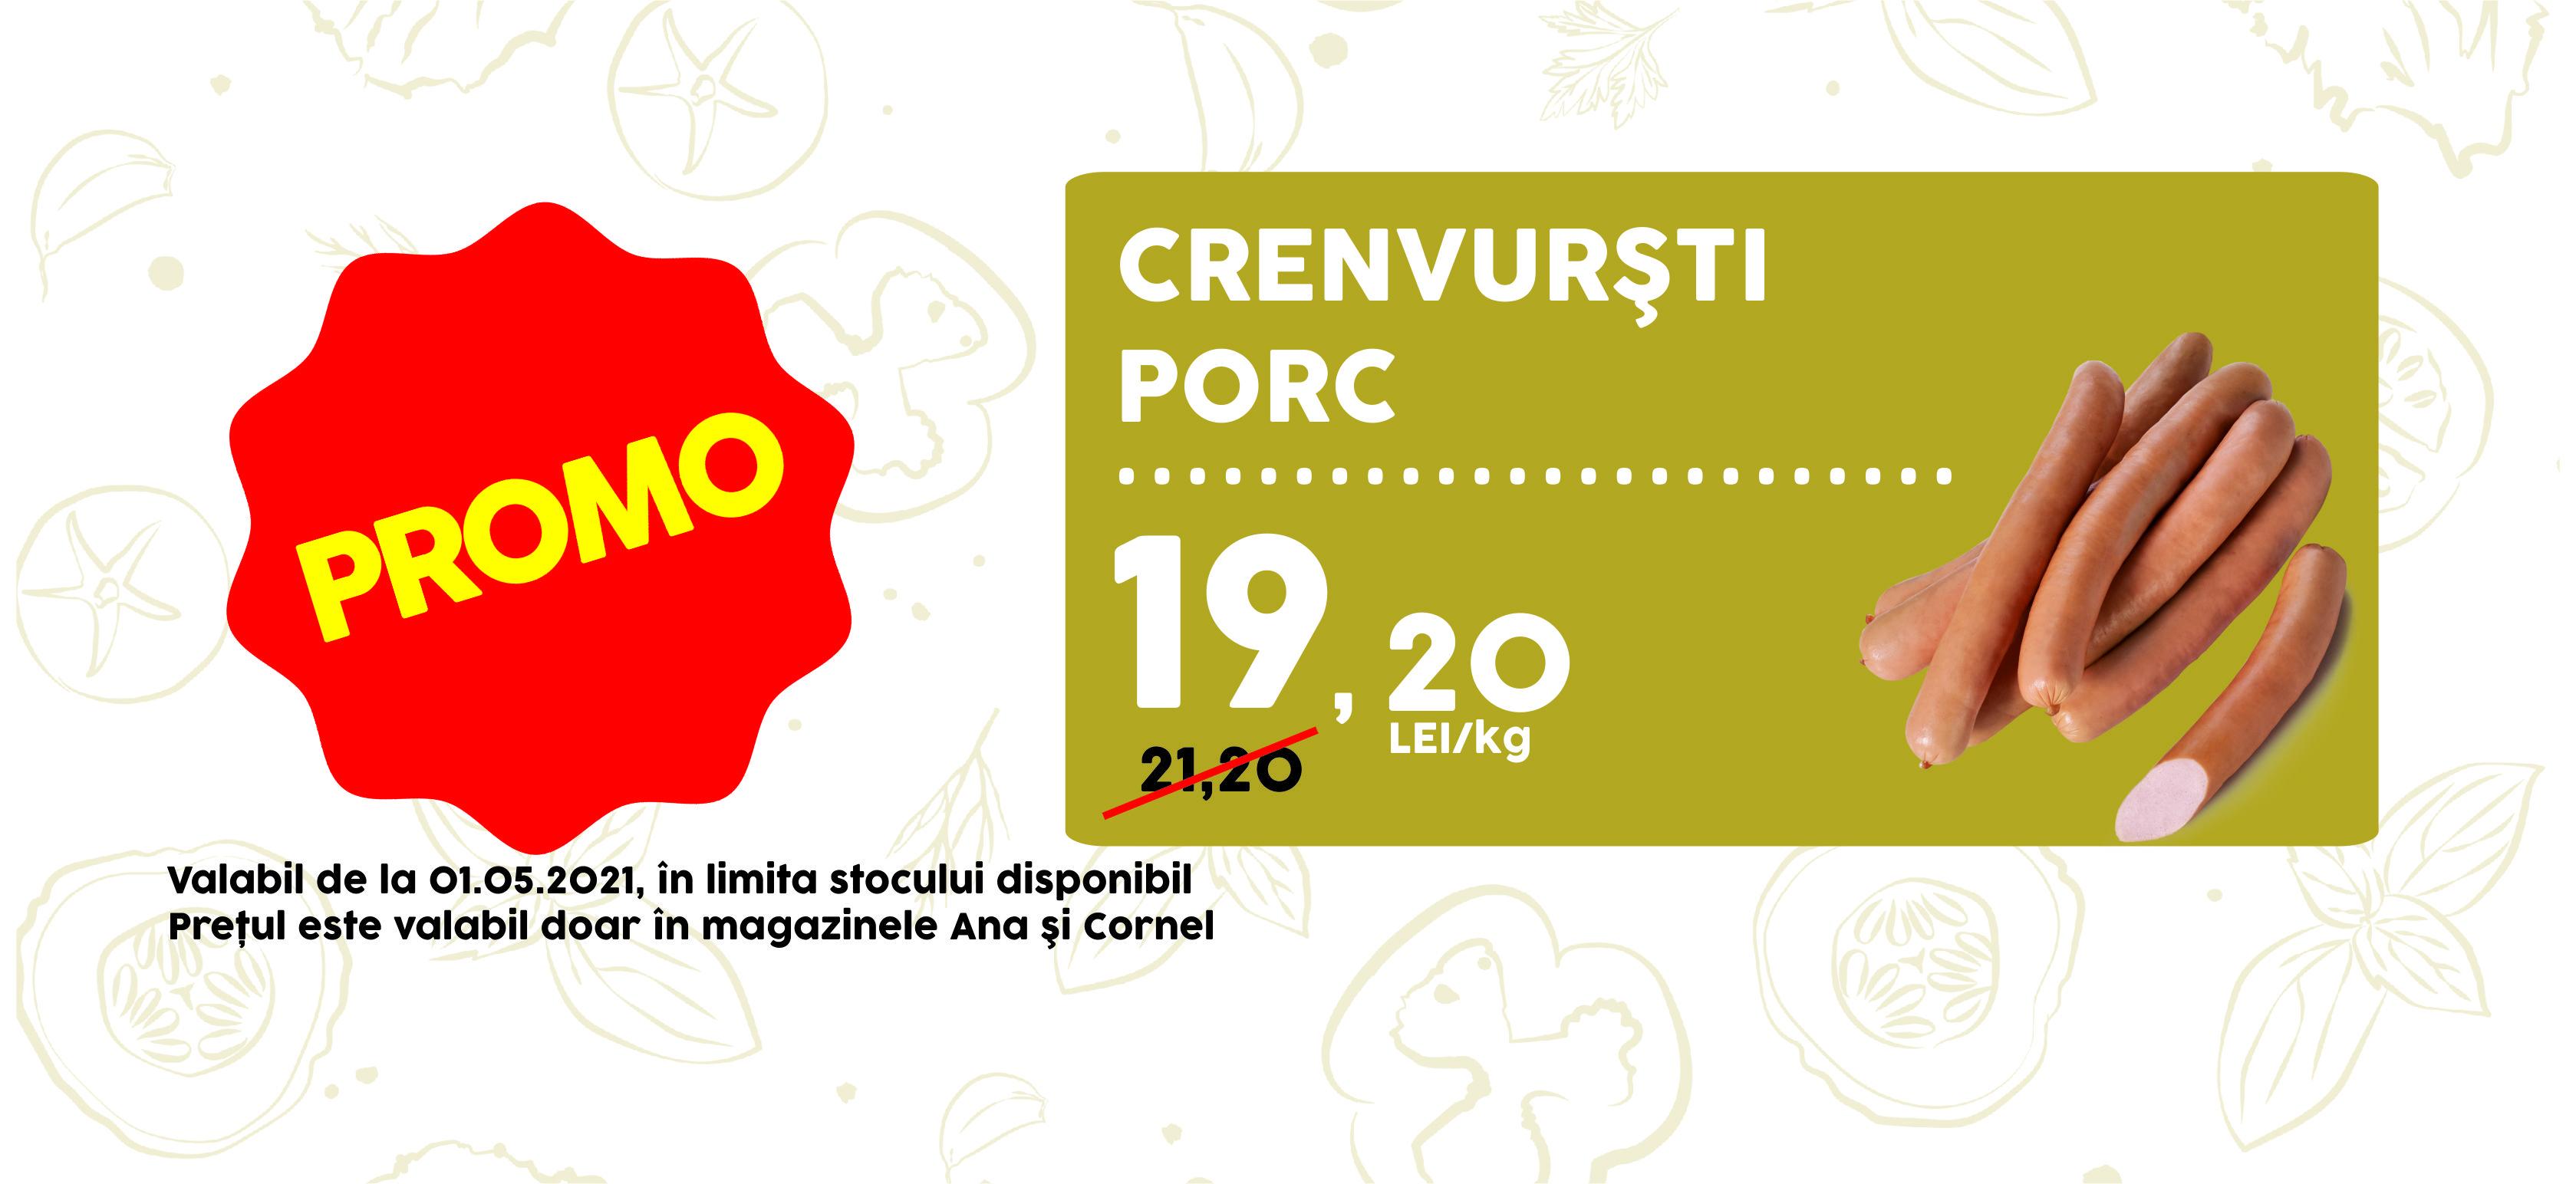 CRENVURSTI-PORC-MAIN